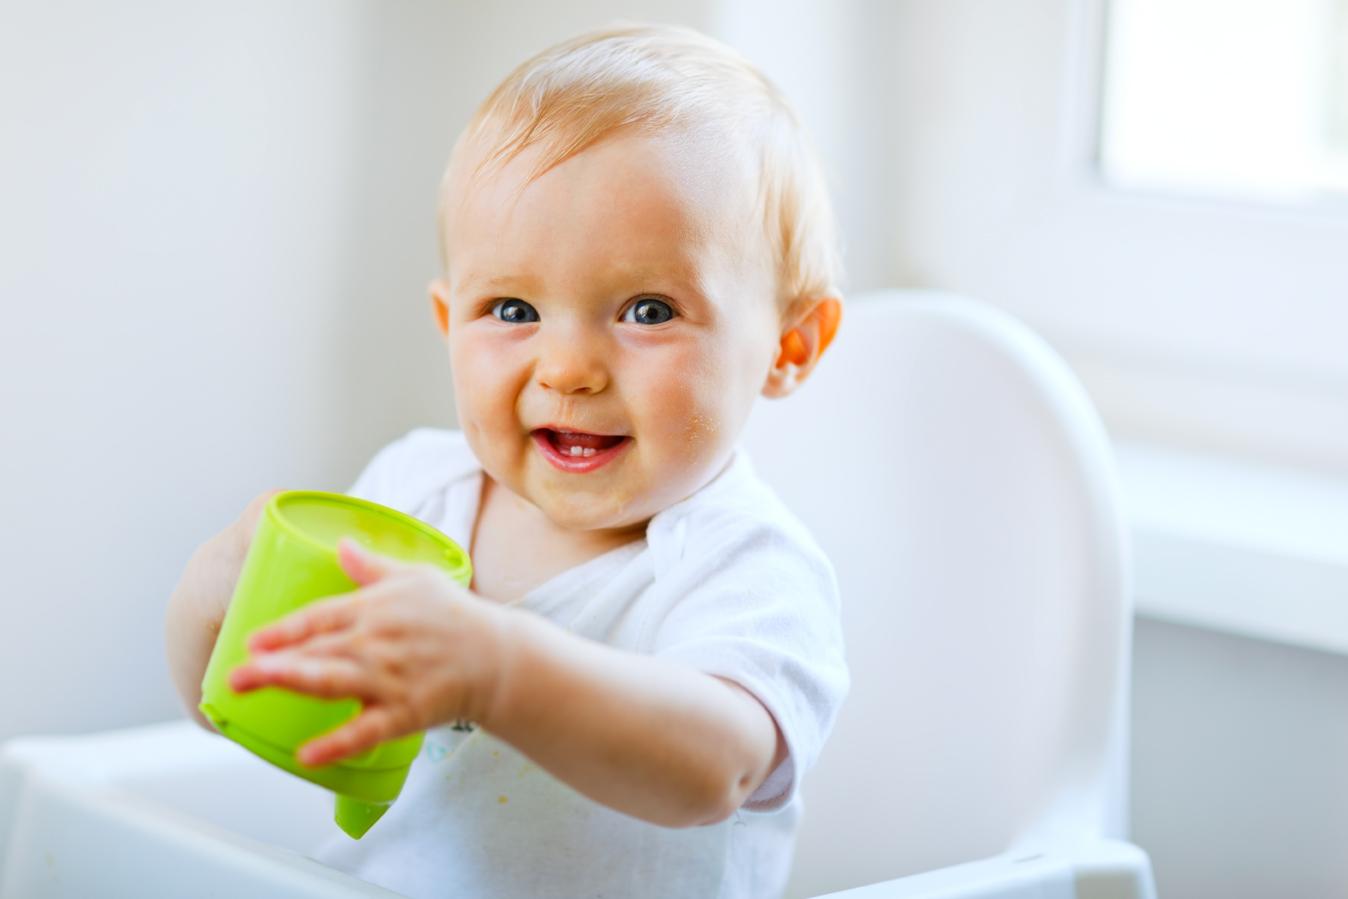 Introdução dos Alimentos na Vida do Bebé: Aos 8 Meses